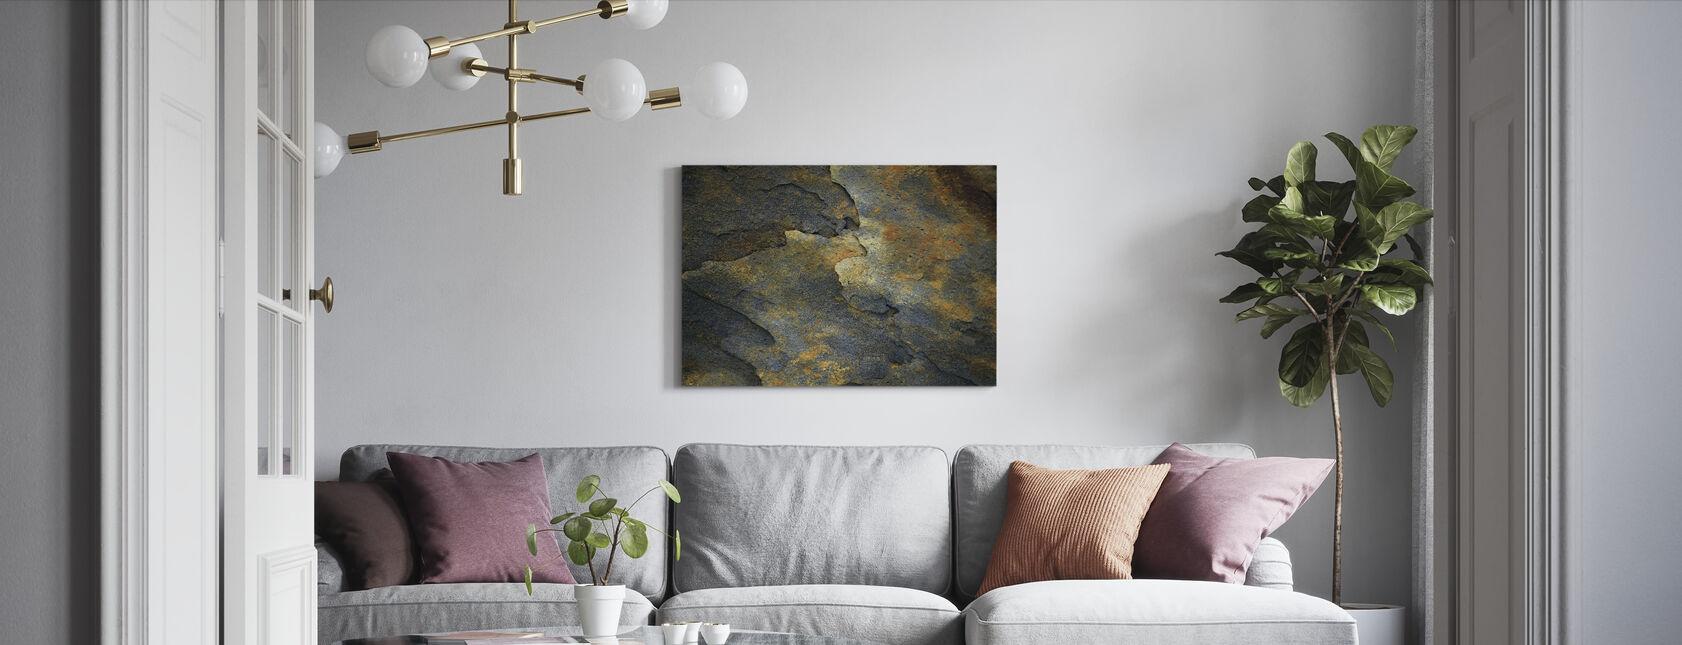 Mineral Rock - Lerretsbilde - Stue